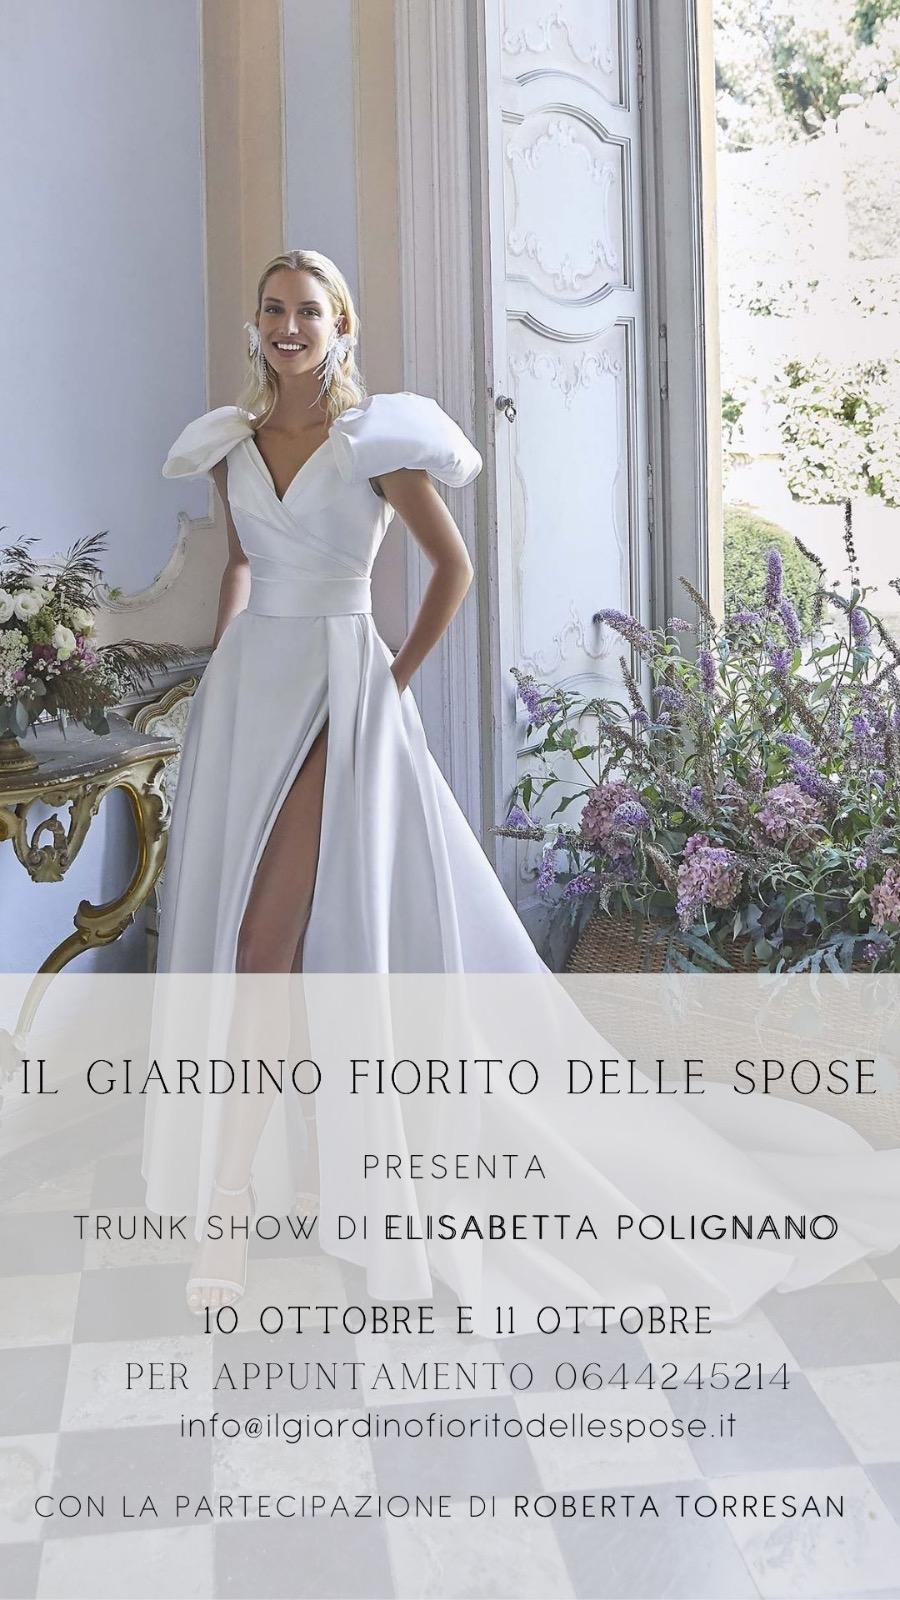 Designer Day GIARDINO FIORITO DELLE SPOSE